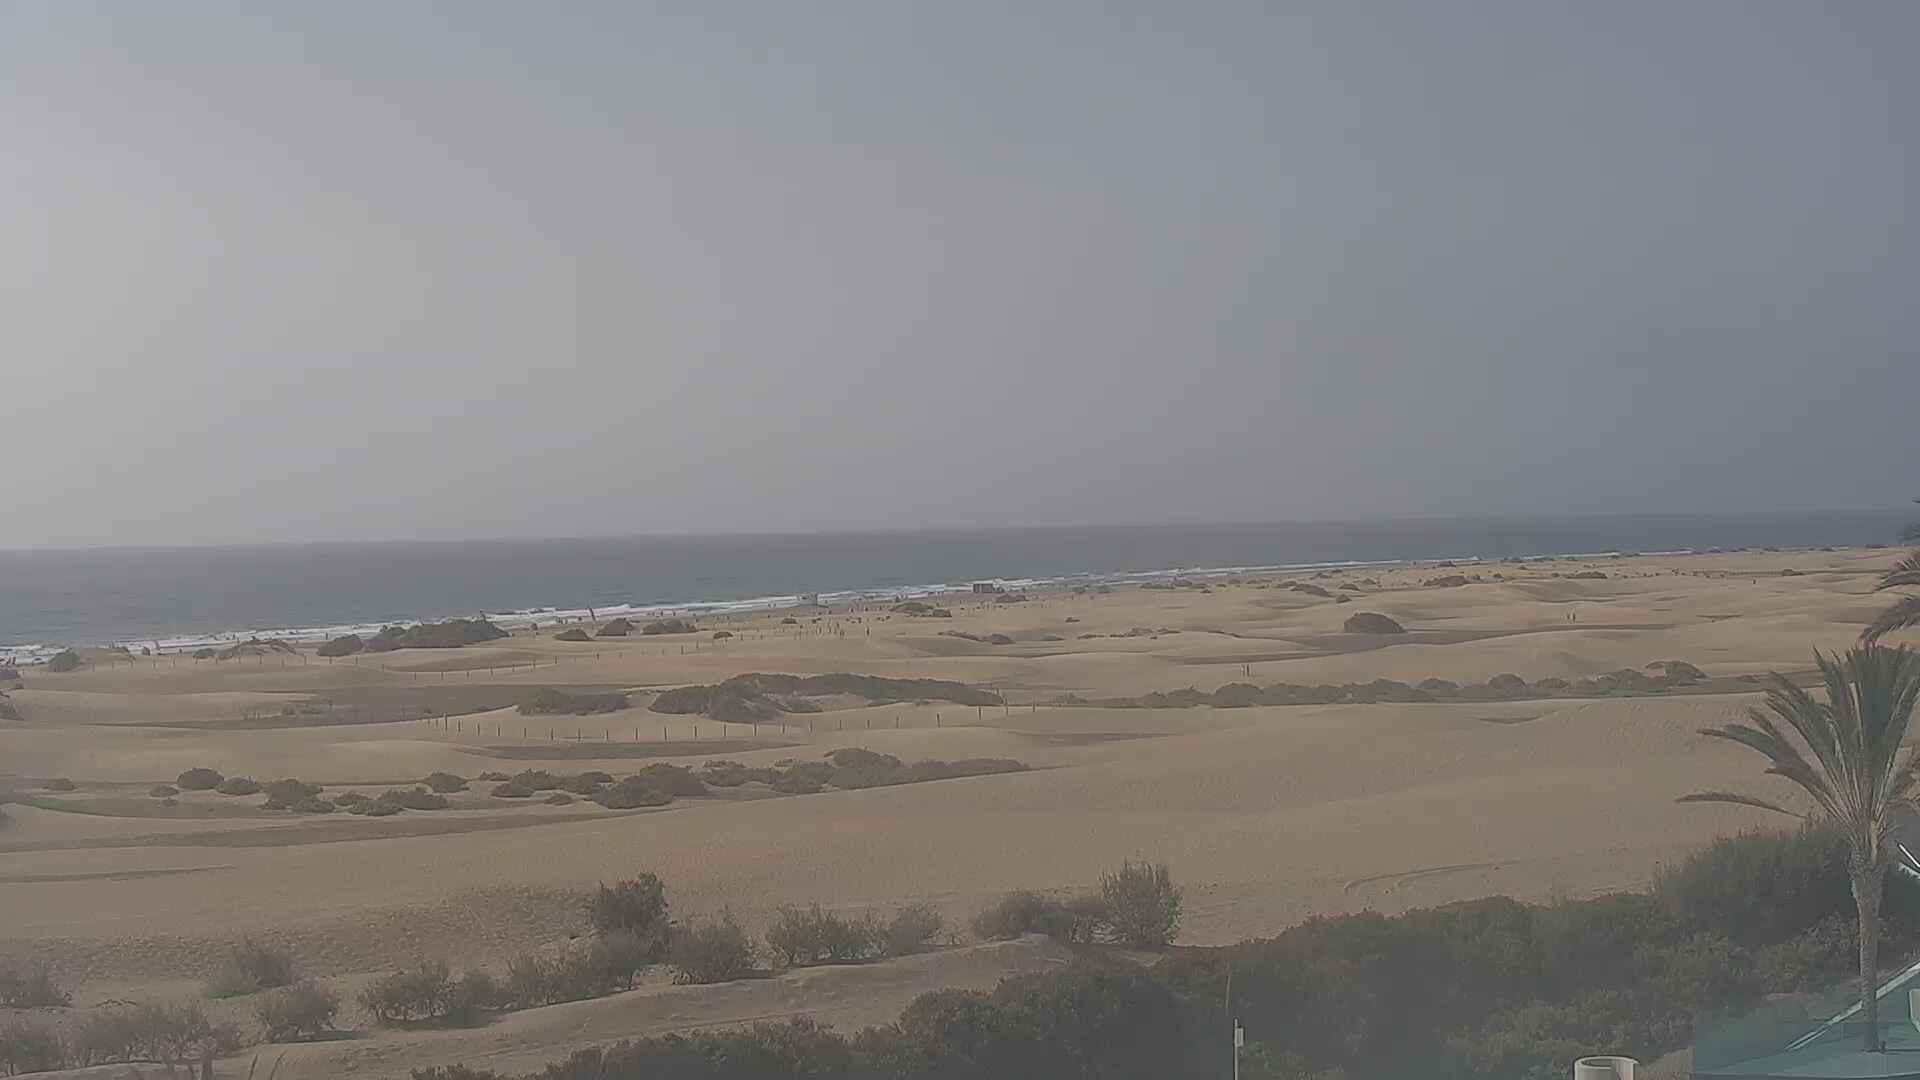 Playa del Ingles (Gran Canaria) Sun. 10:36